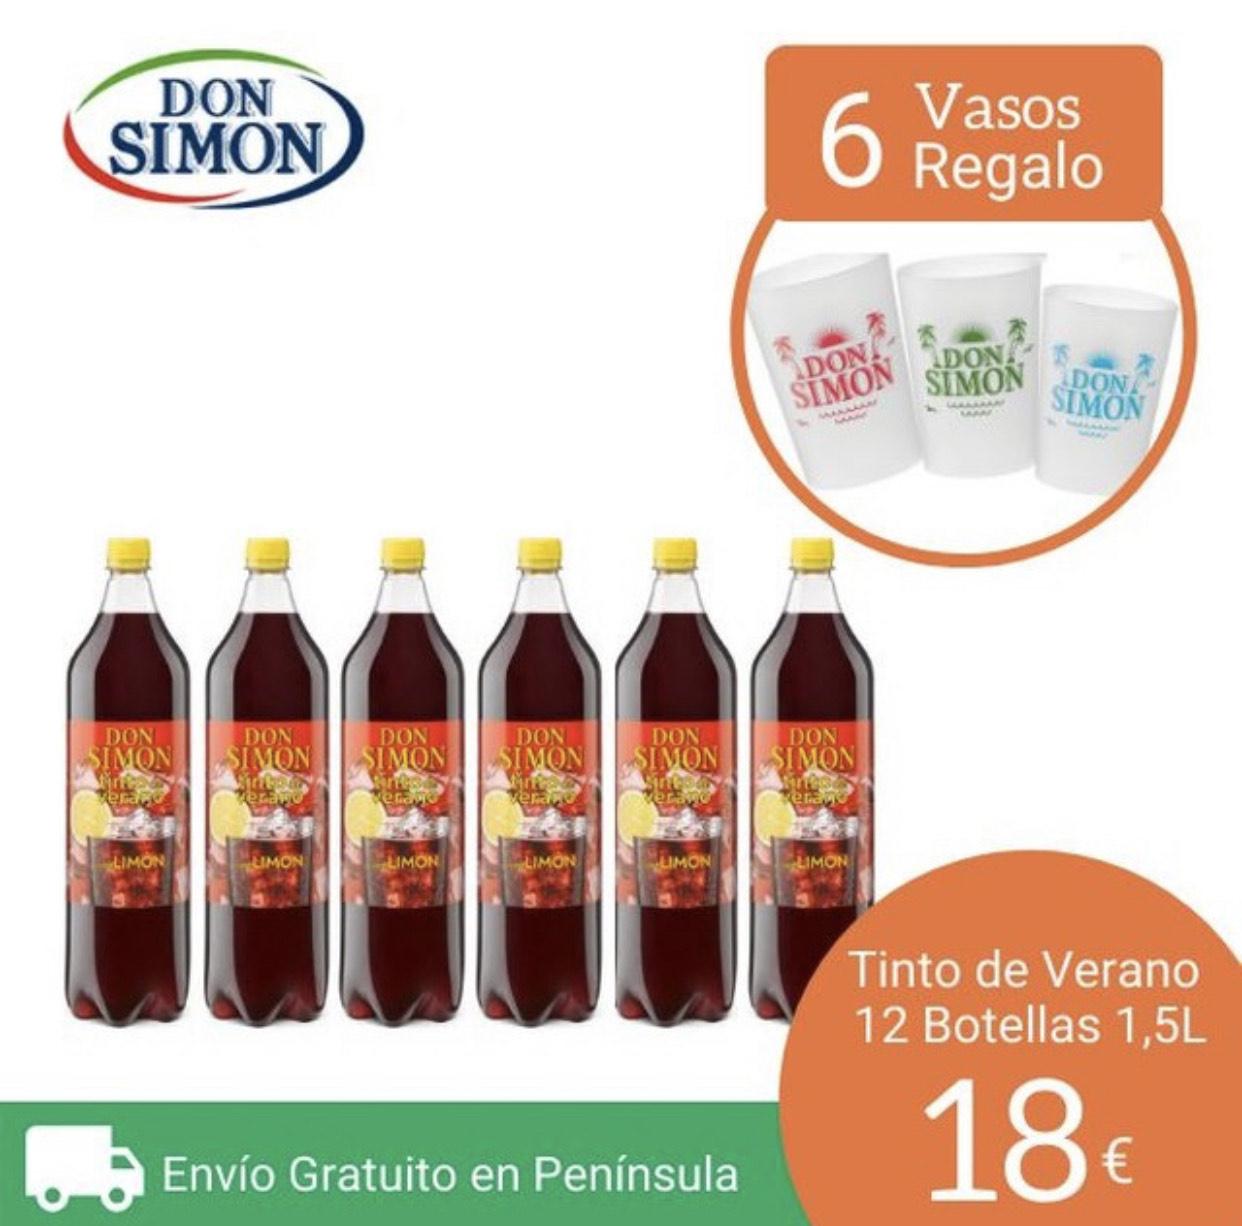 12 botellas de tinto de verano 1,5L + 6 vasos de regalo